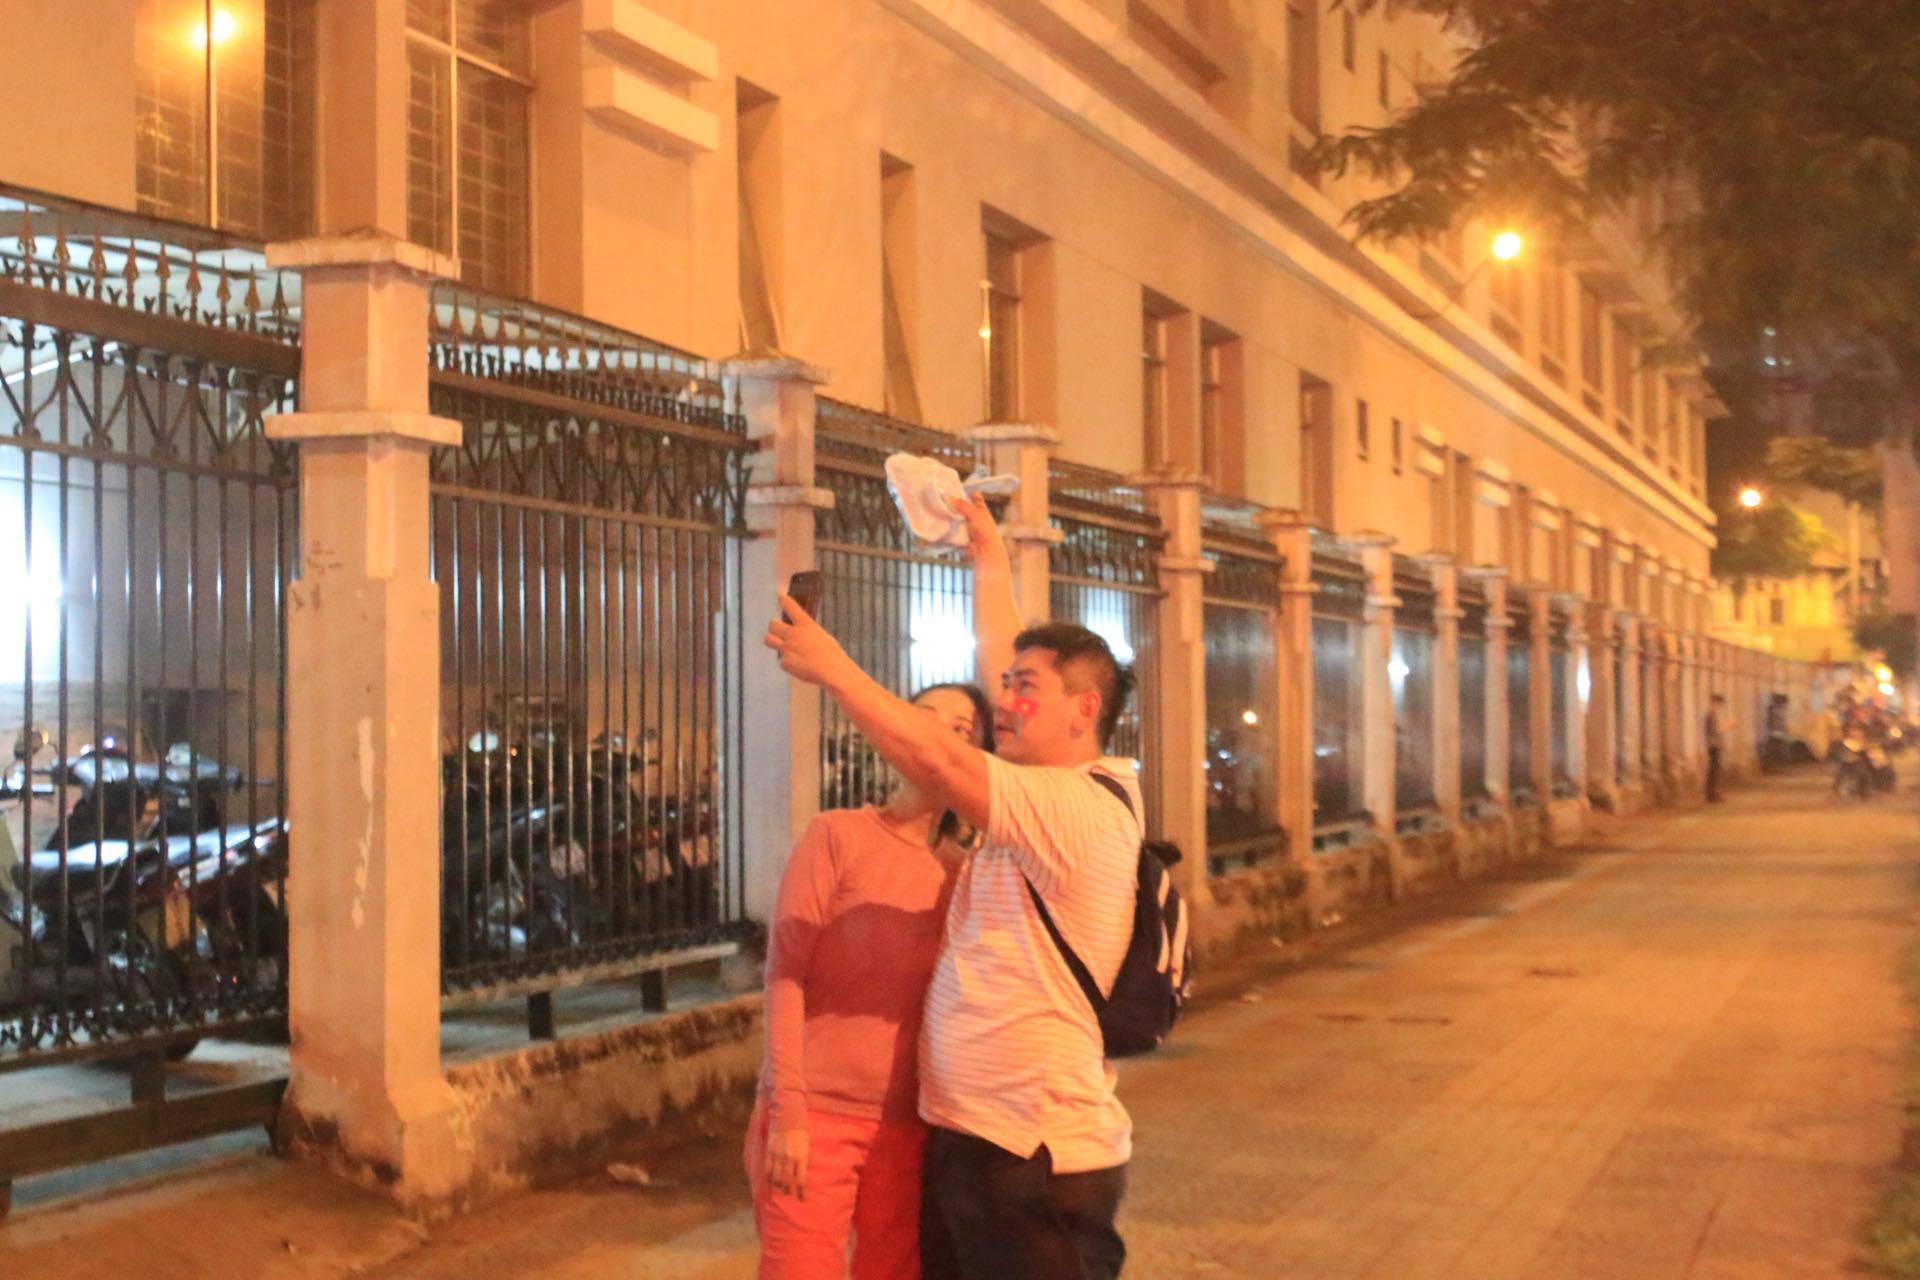 Còn cặp đôi này tranh thủ chụp ảnh kỷ niệm, ghi lại khoảnh khắc đáng nhớ.